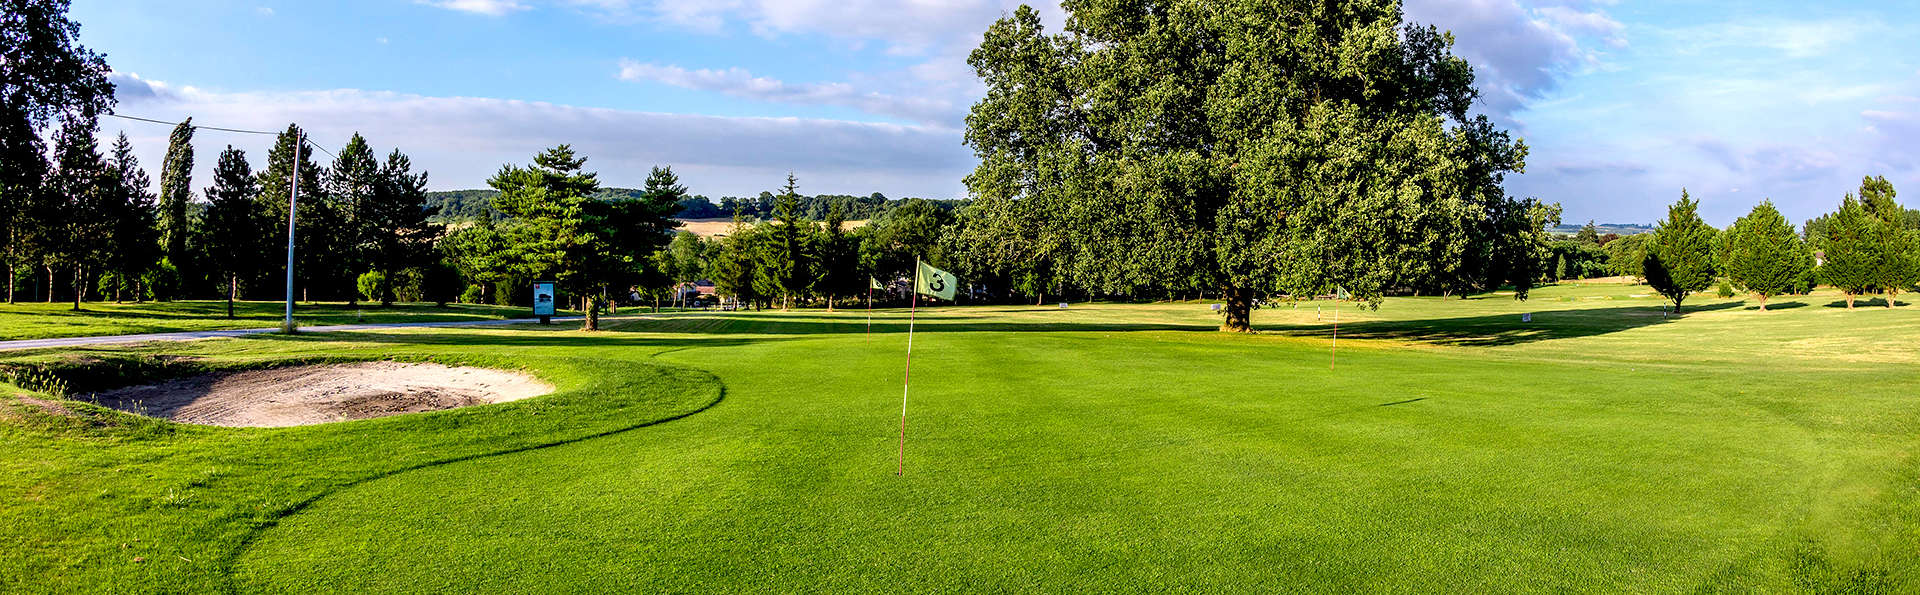 Vacancéole - Résidence le Domaine du Golf d'Albret - Edit_Golf3.jpg